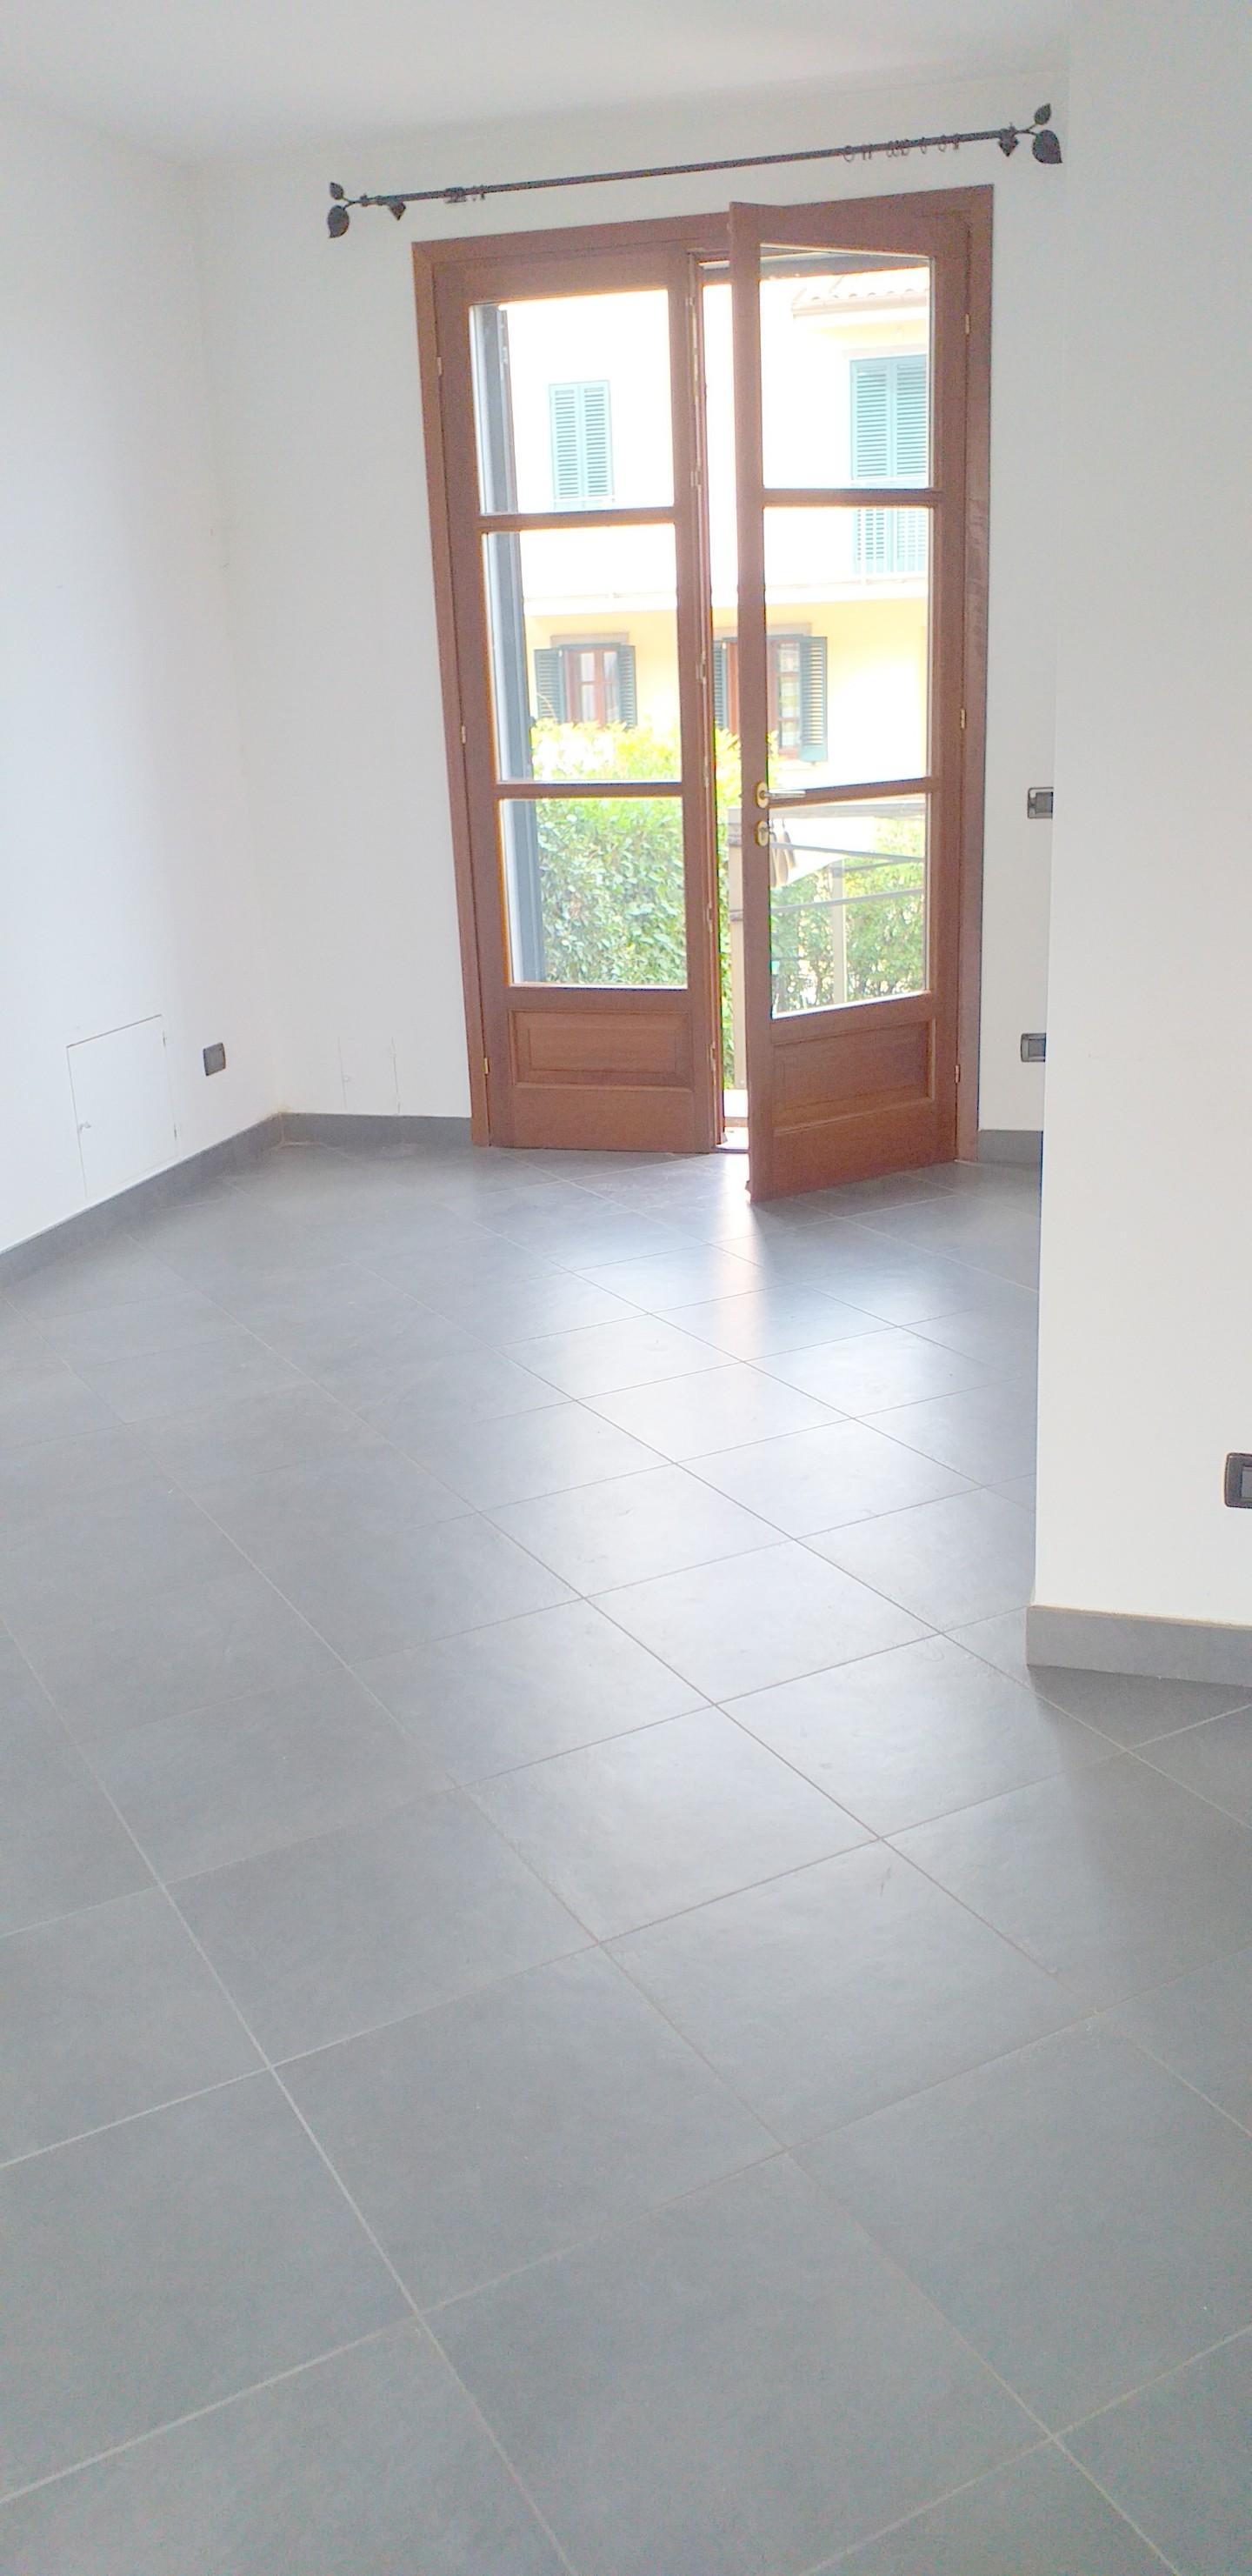 Casa singola in vendita a Collesalvetti (LI)